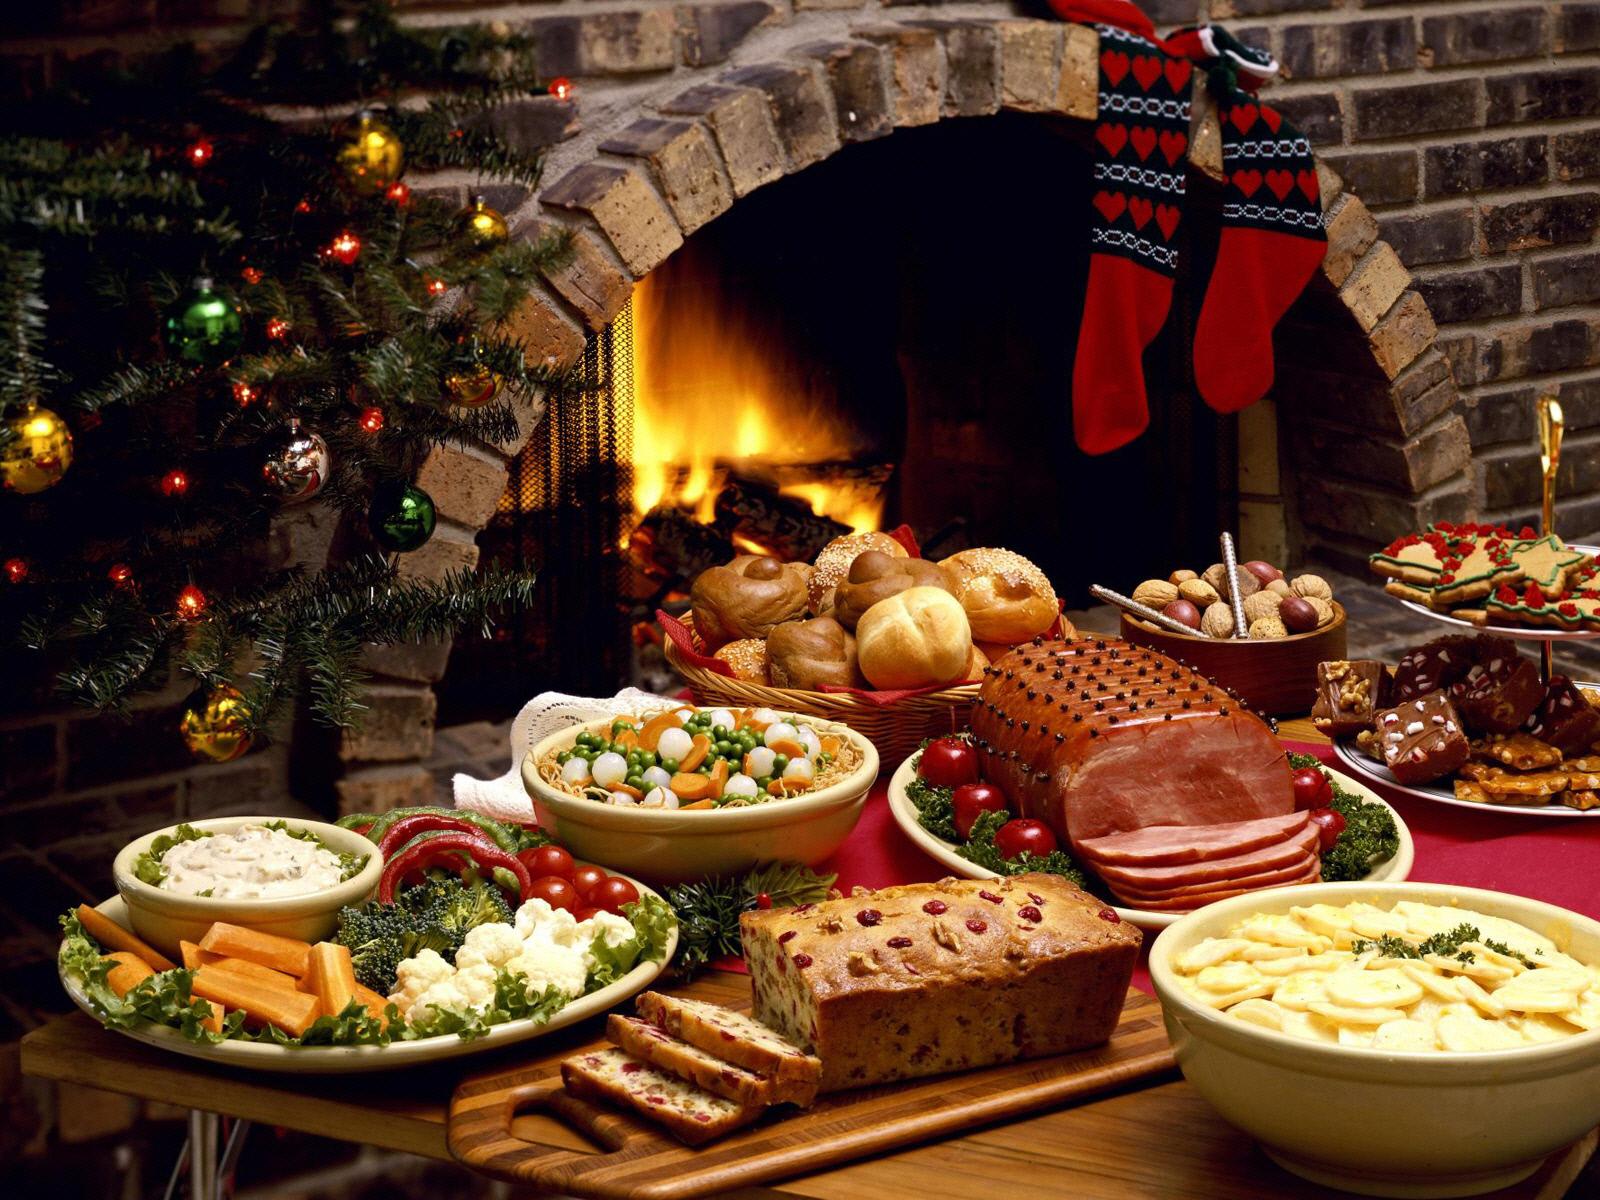 ASPIC Instituto Gastronómico te invita a conocer las tradiciones de la Navidad